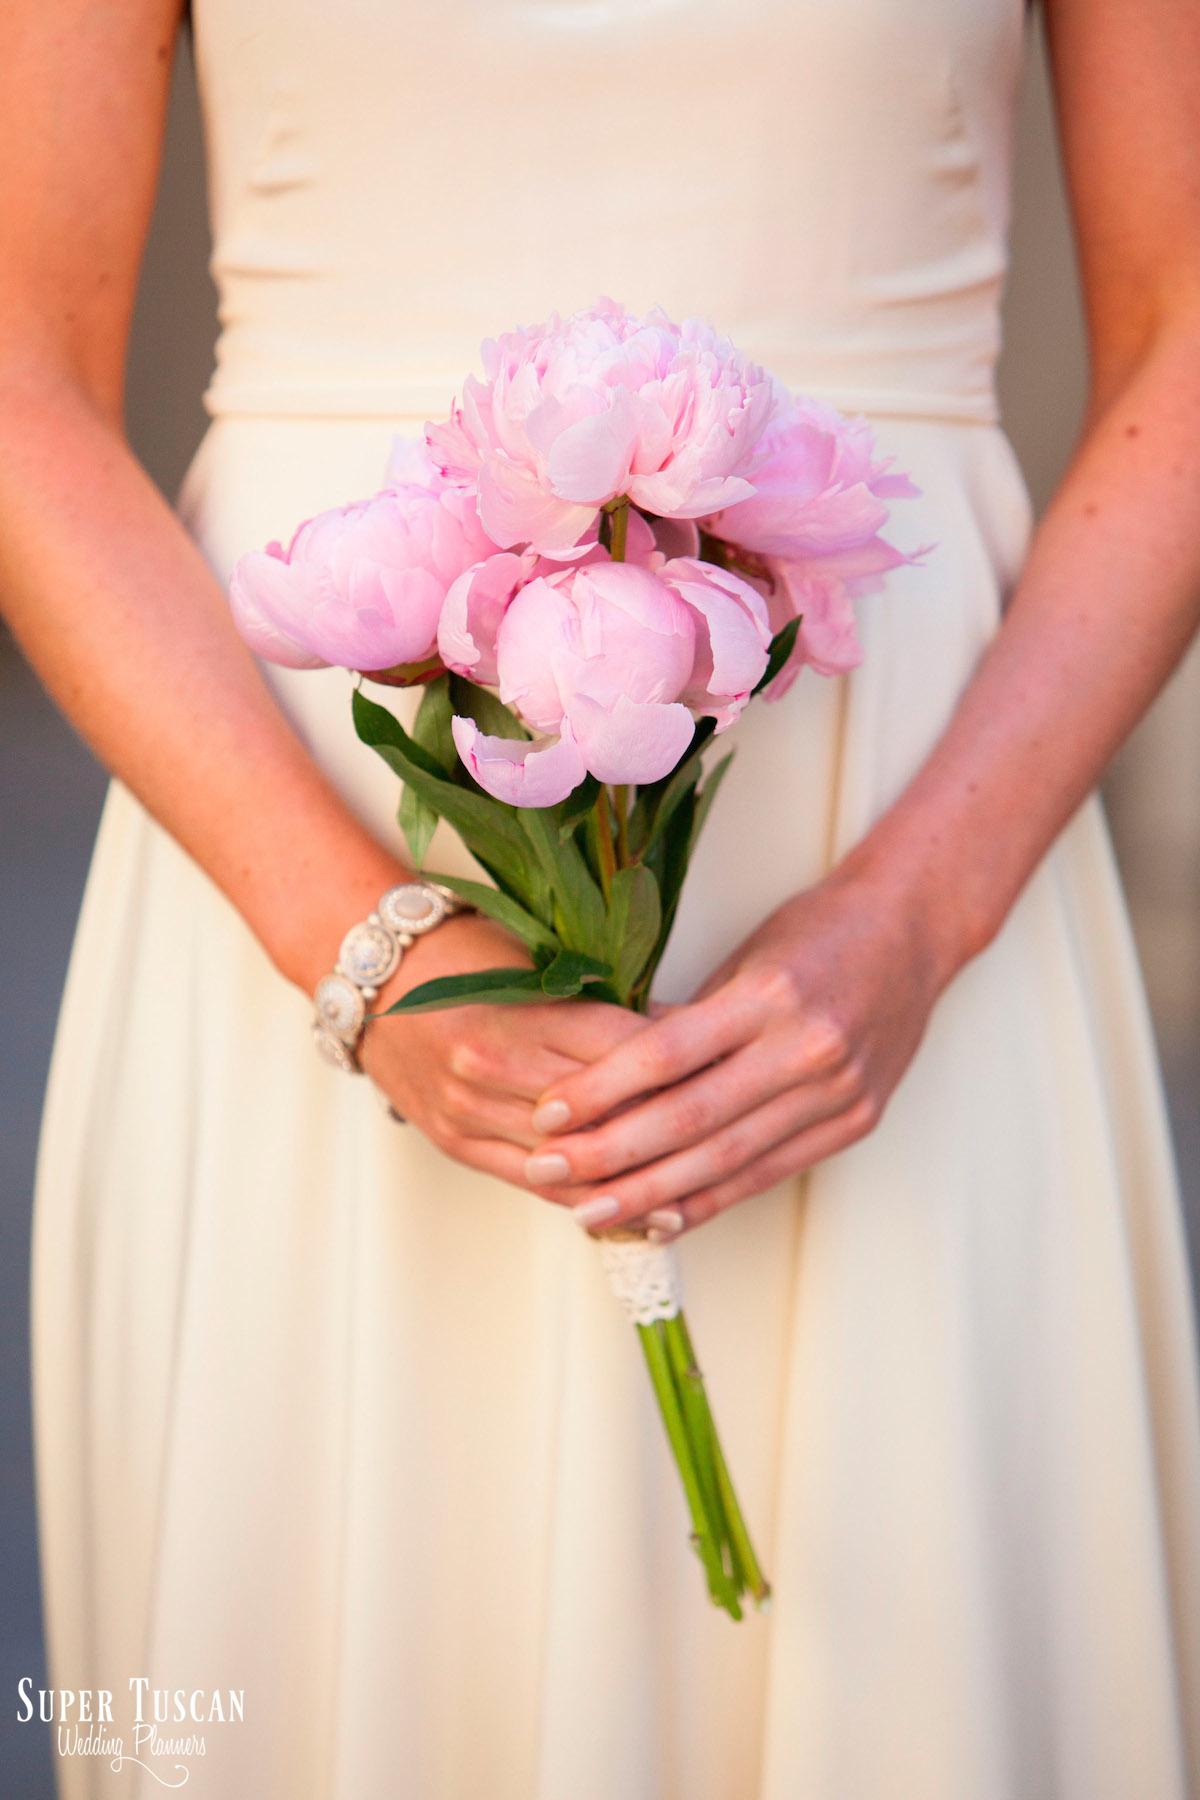 04Wedding in italy - civil ceremony